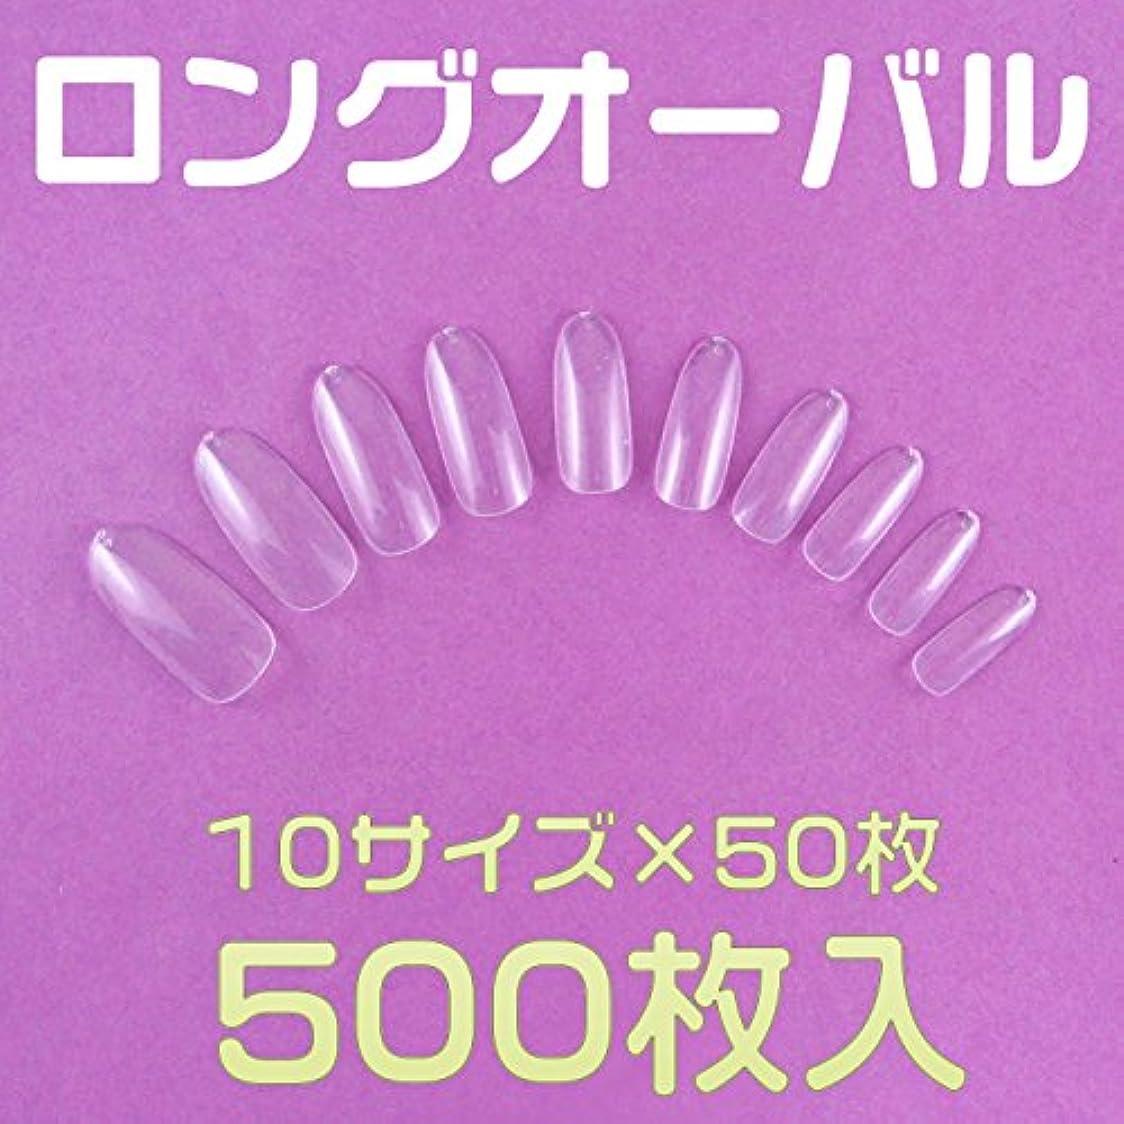 お互い好み秋ネイルチップ 無地 クリア ロングオーバル500枚 [#3]フルカバー プレーンチップ オーダー用通販